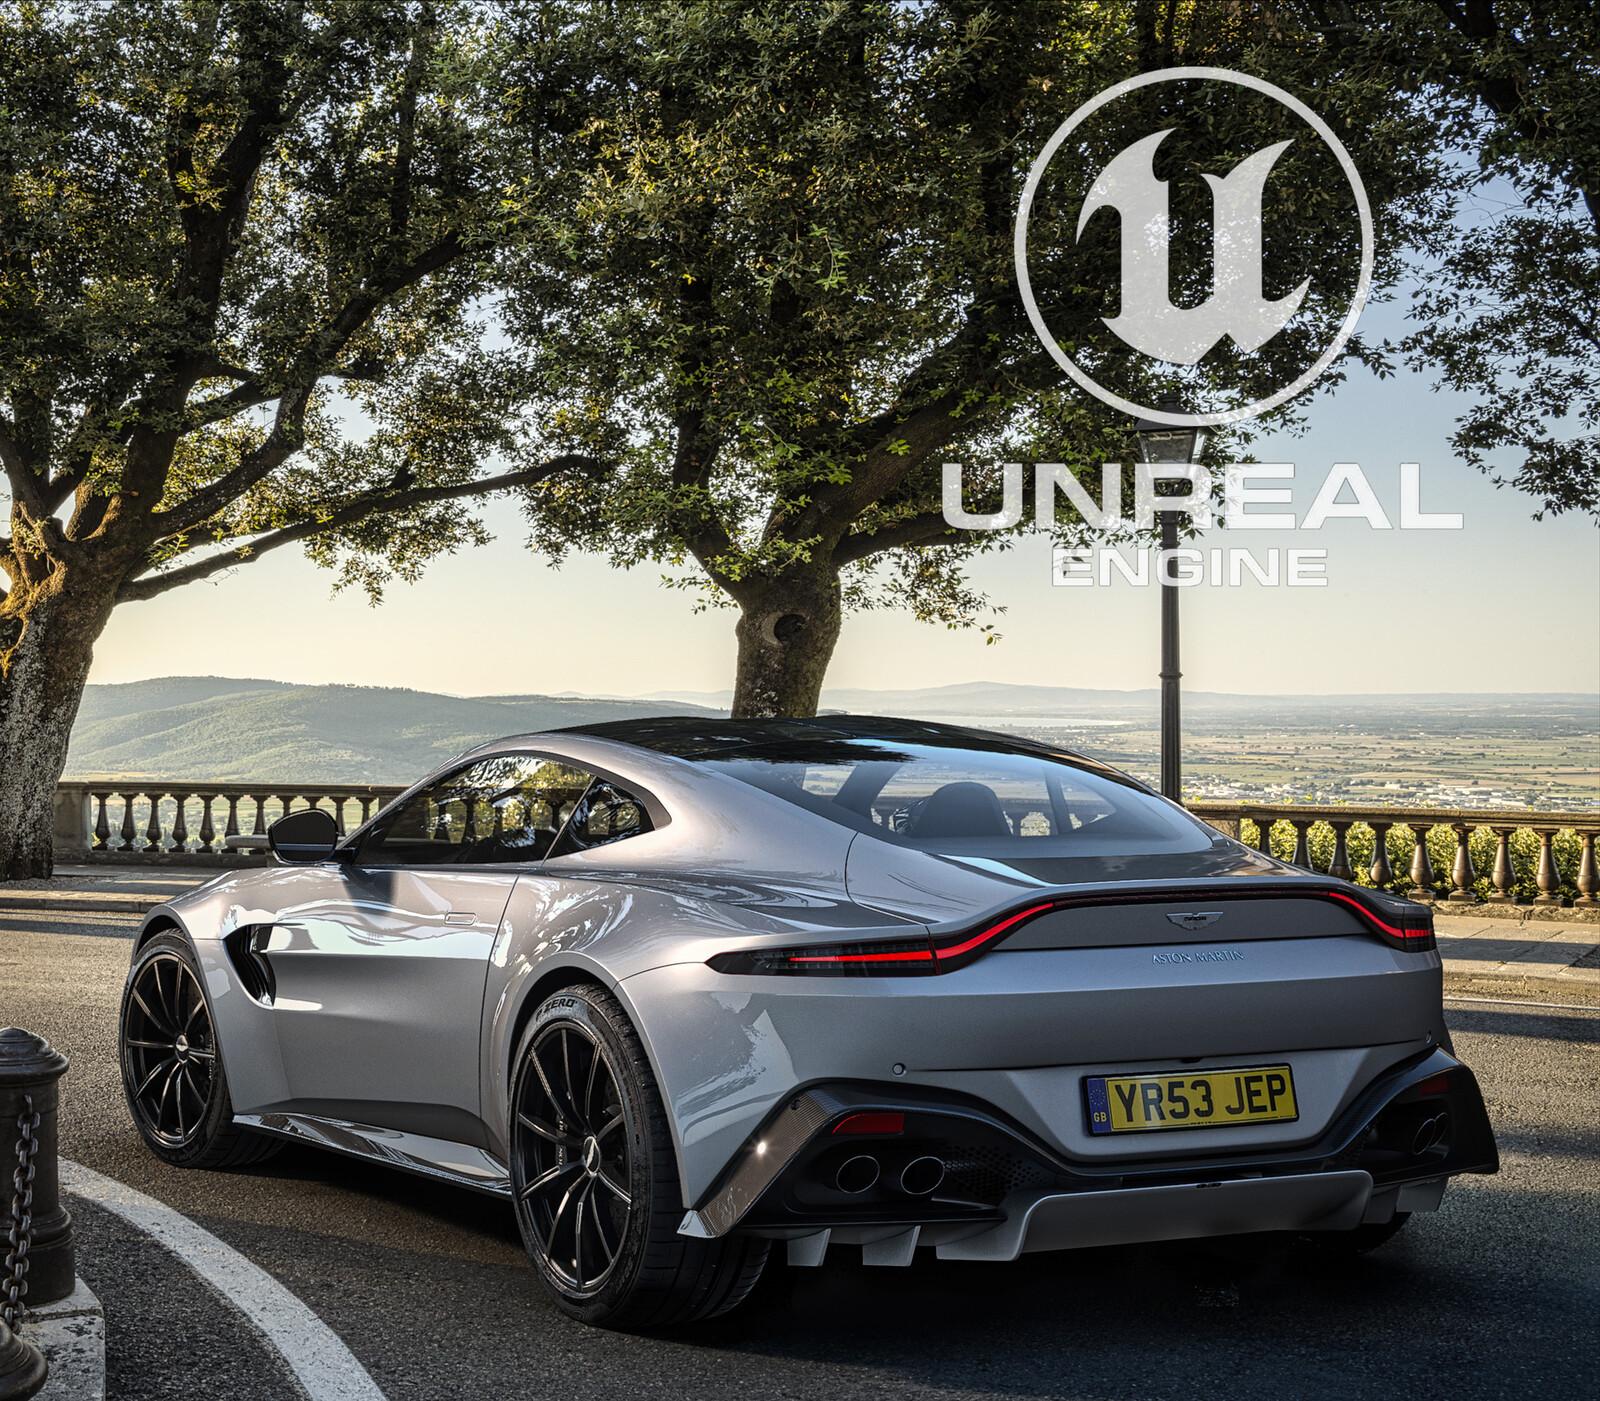 Aston Martin Vantage AMR - Unreal Engine 4